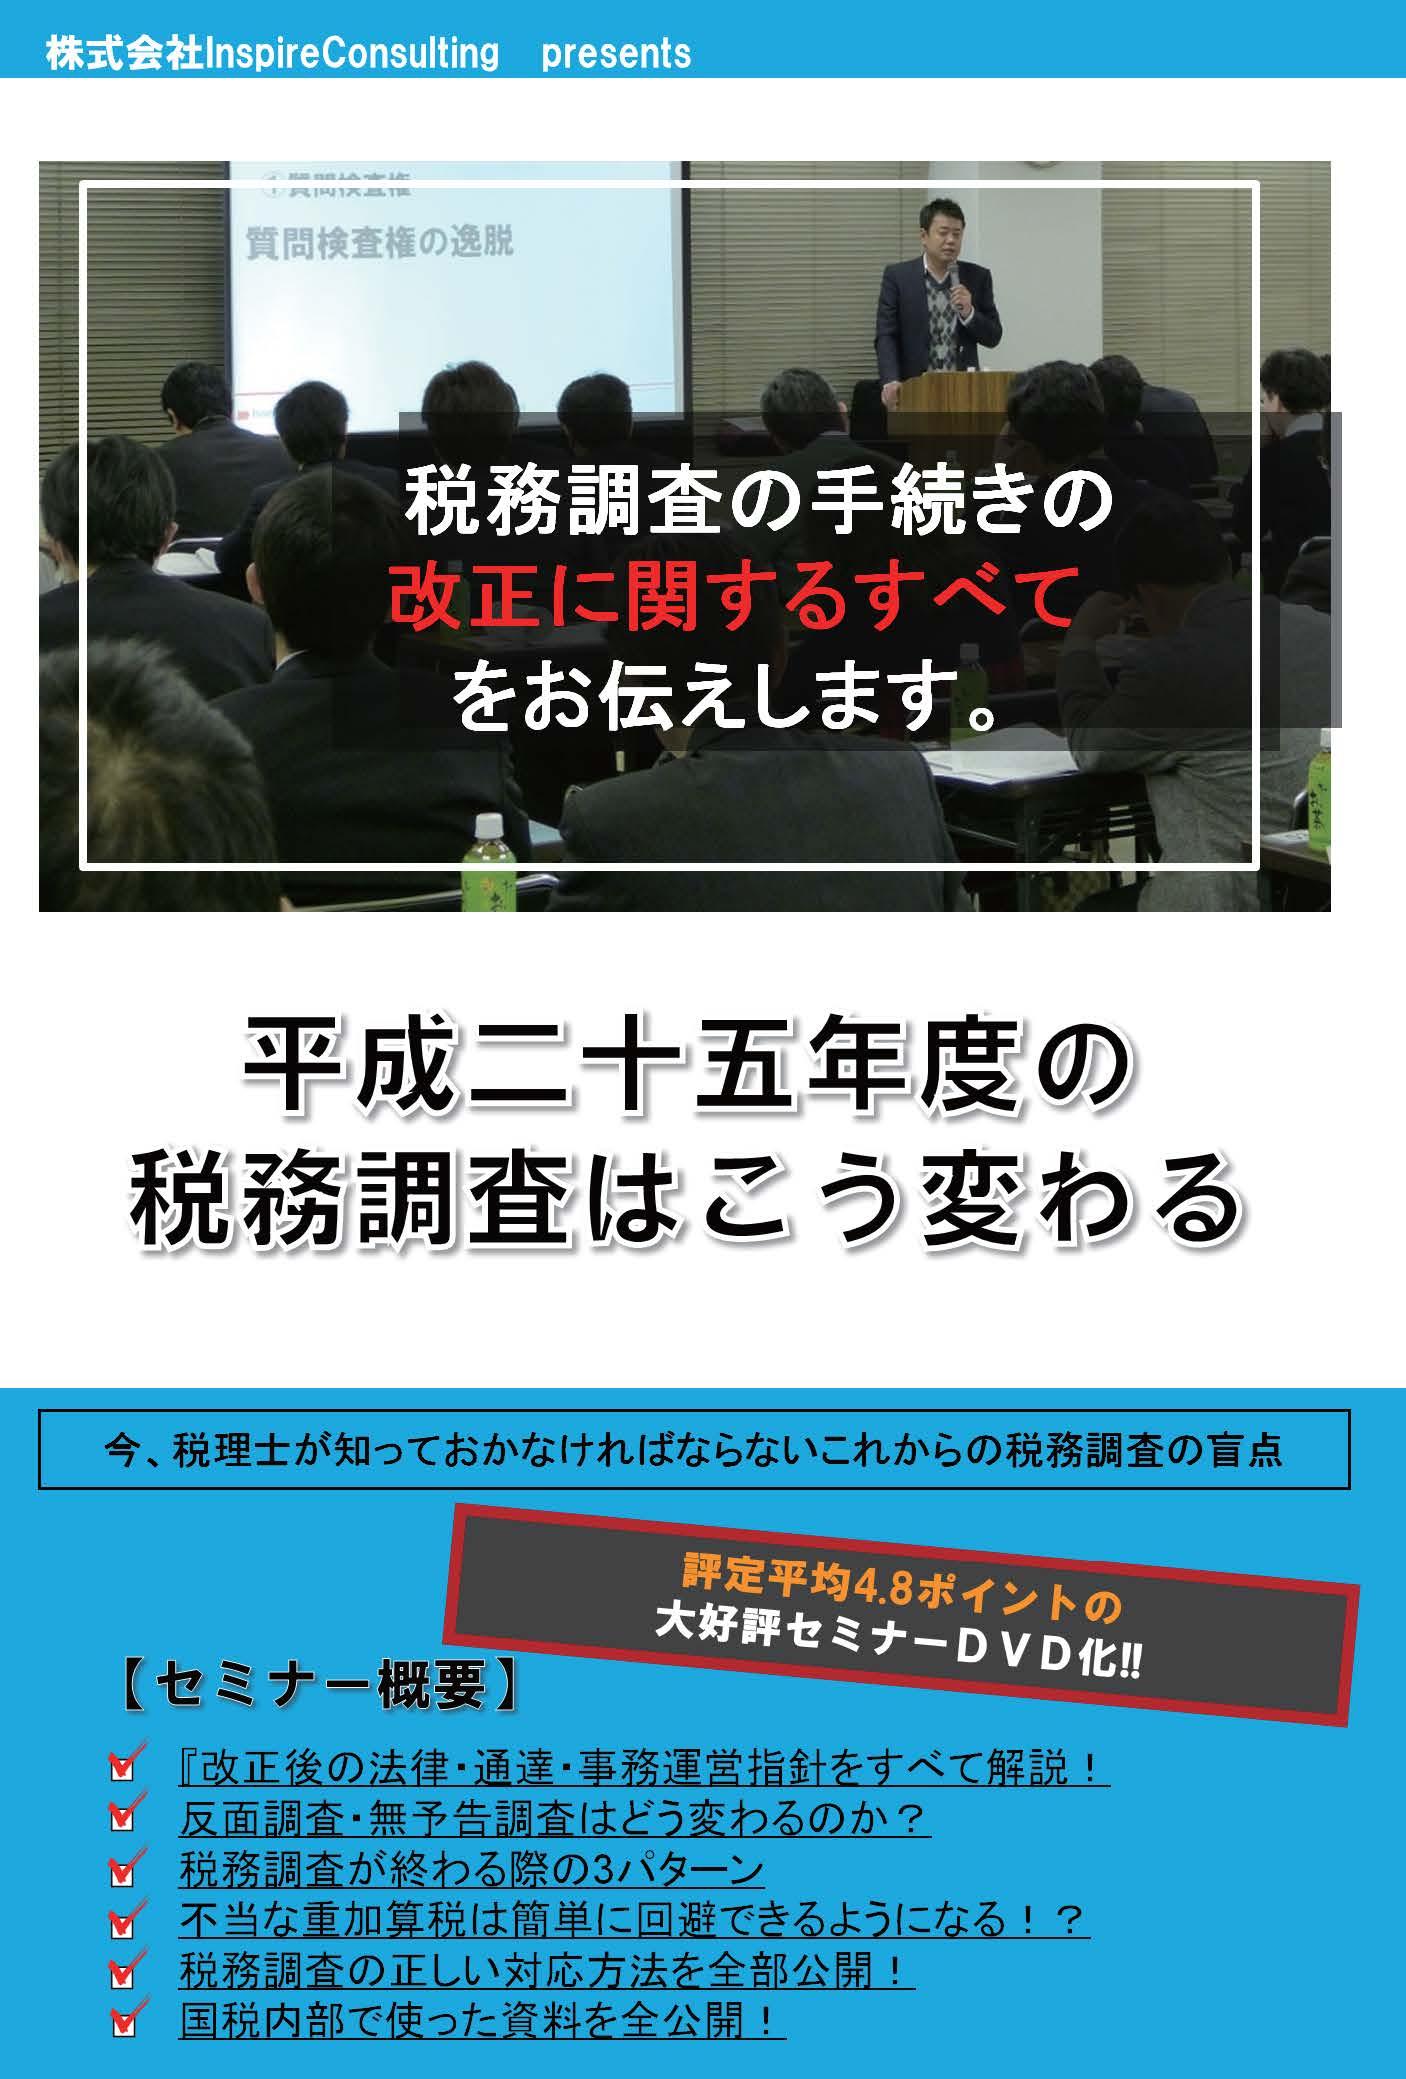 『平成25年度の税務調査はこう変わる!!』